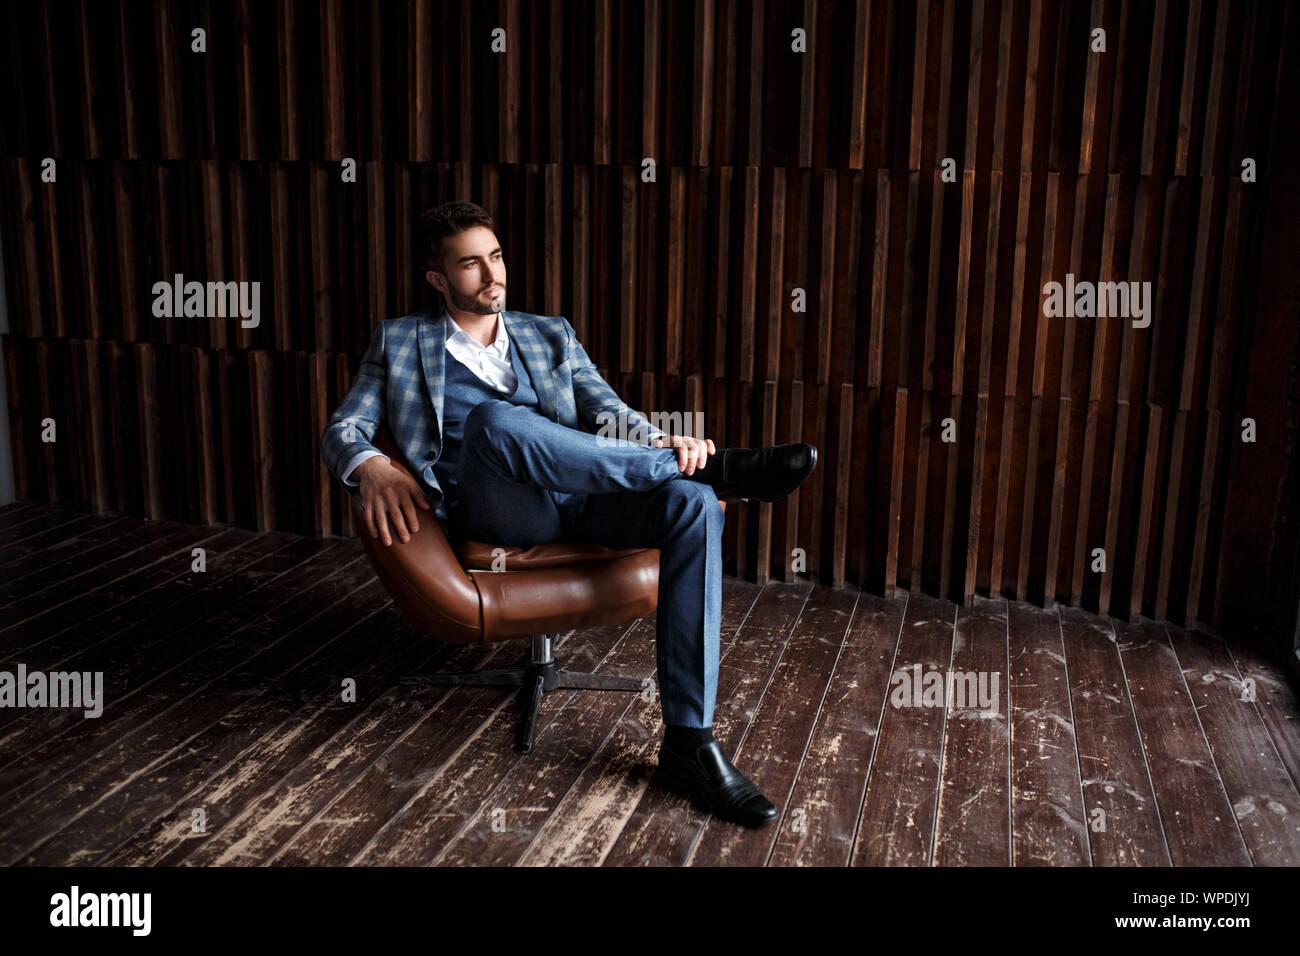 Junge erfolgreiche Geschäftsmann in einem blauen Anzug in einem Käfig sitzt in einem Ledersessel. junger Mann mit einem Bart lächelnd Stockfoto